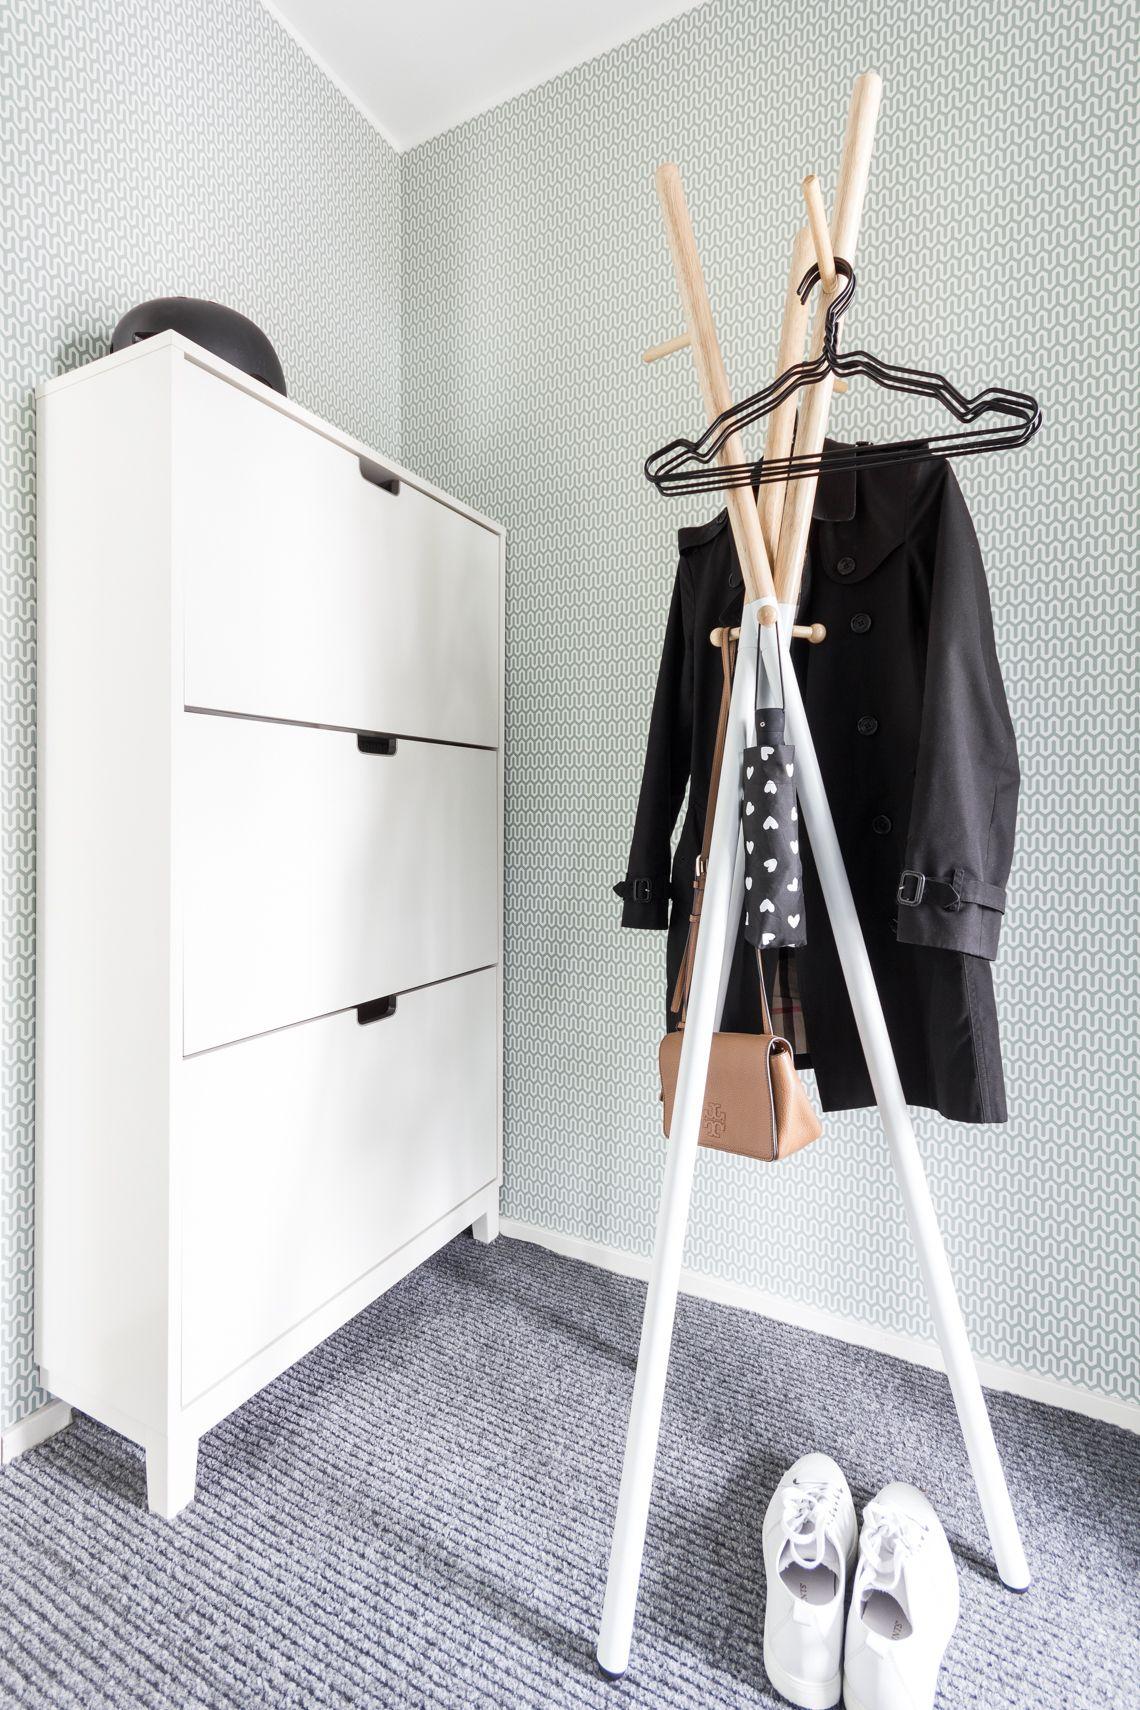 Hallway Ellos Vox Clothes Rack Ikea Stall Lisbet E